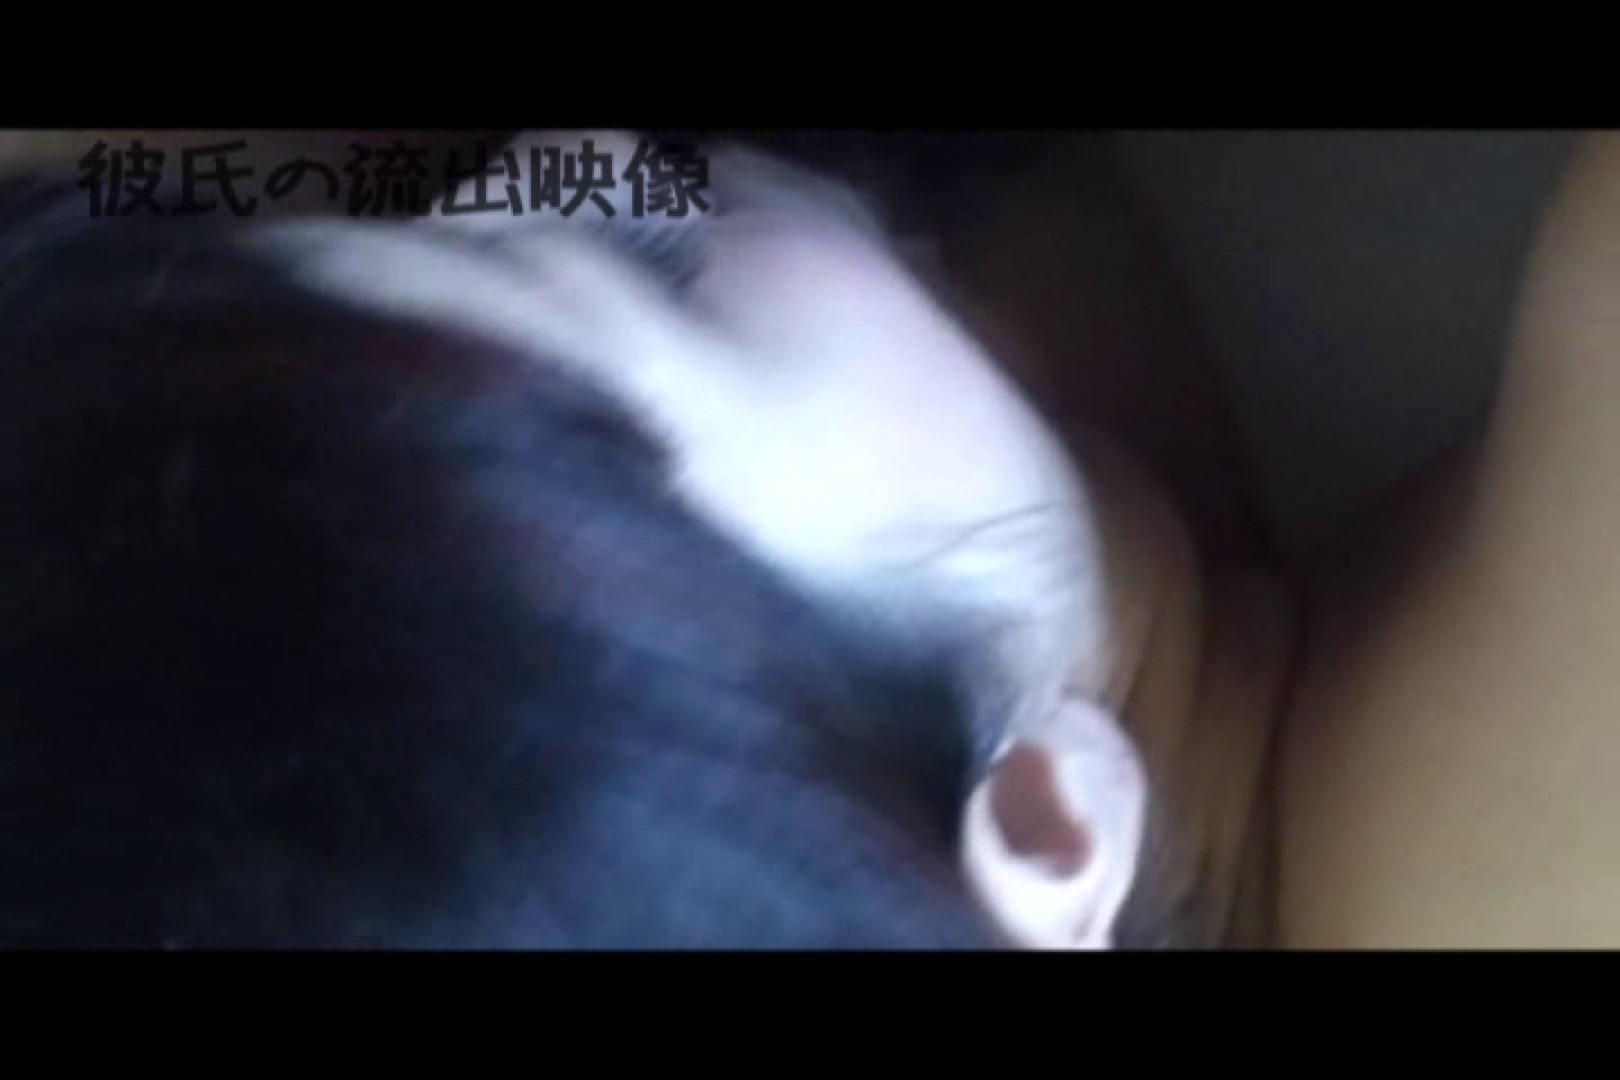 彼氏が流出 パイパン素人嬢のハメ撮り映像03 カップル   パイパンギャル  22連発 19